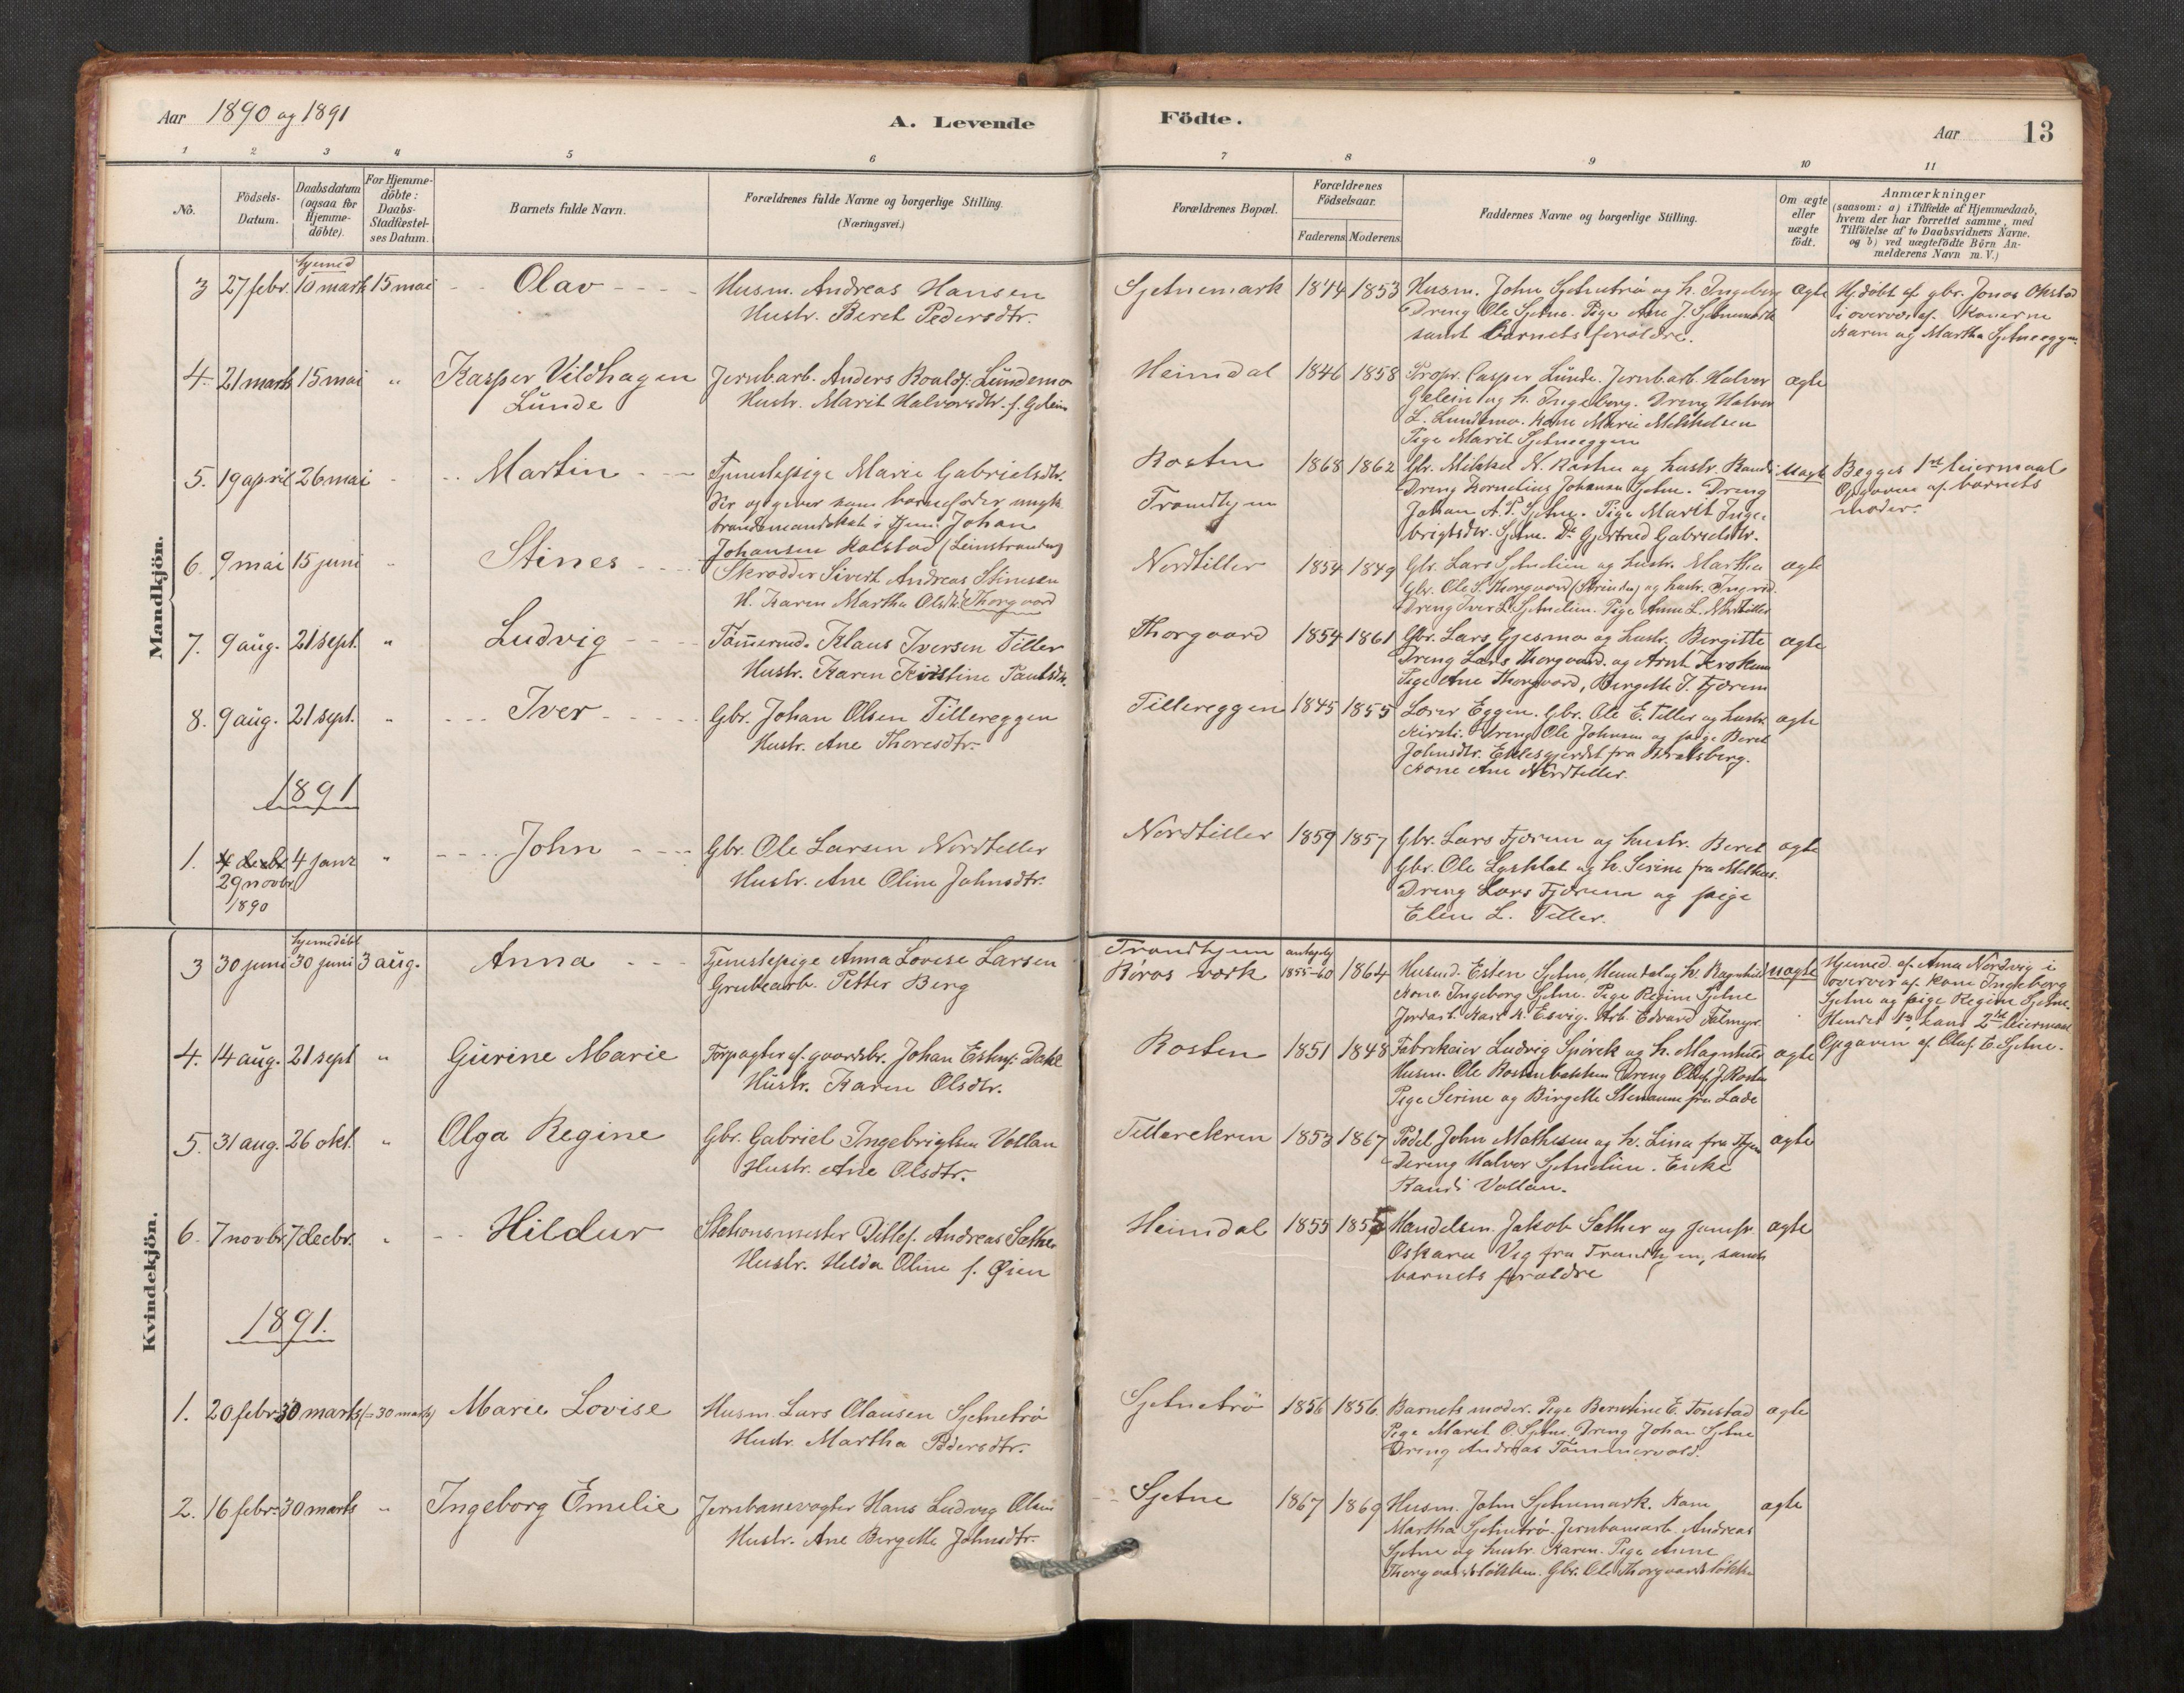 SAT, Klæbu sokneprestkontor, Parish register (official) no. 1, 1880-1900, p. 13